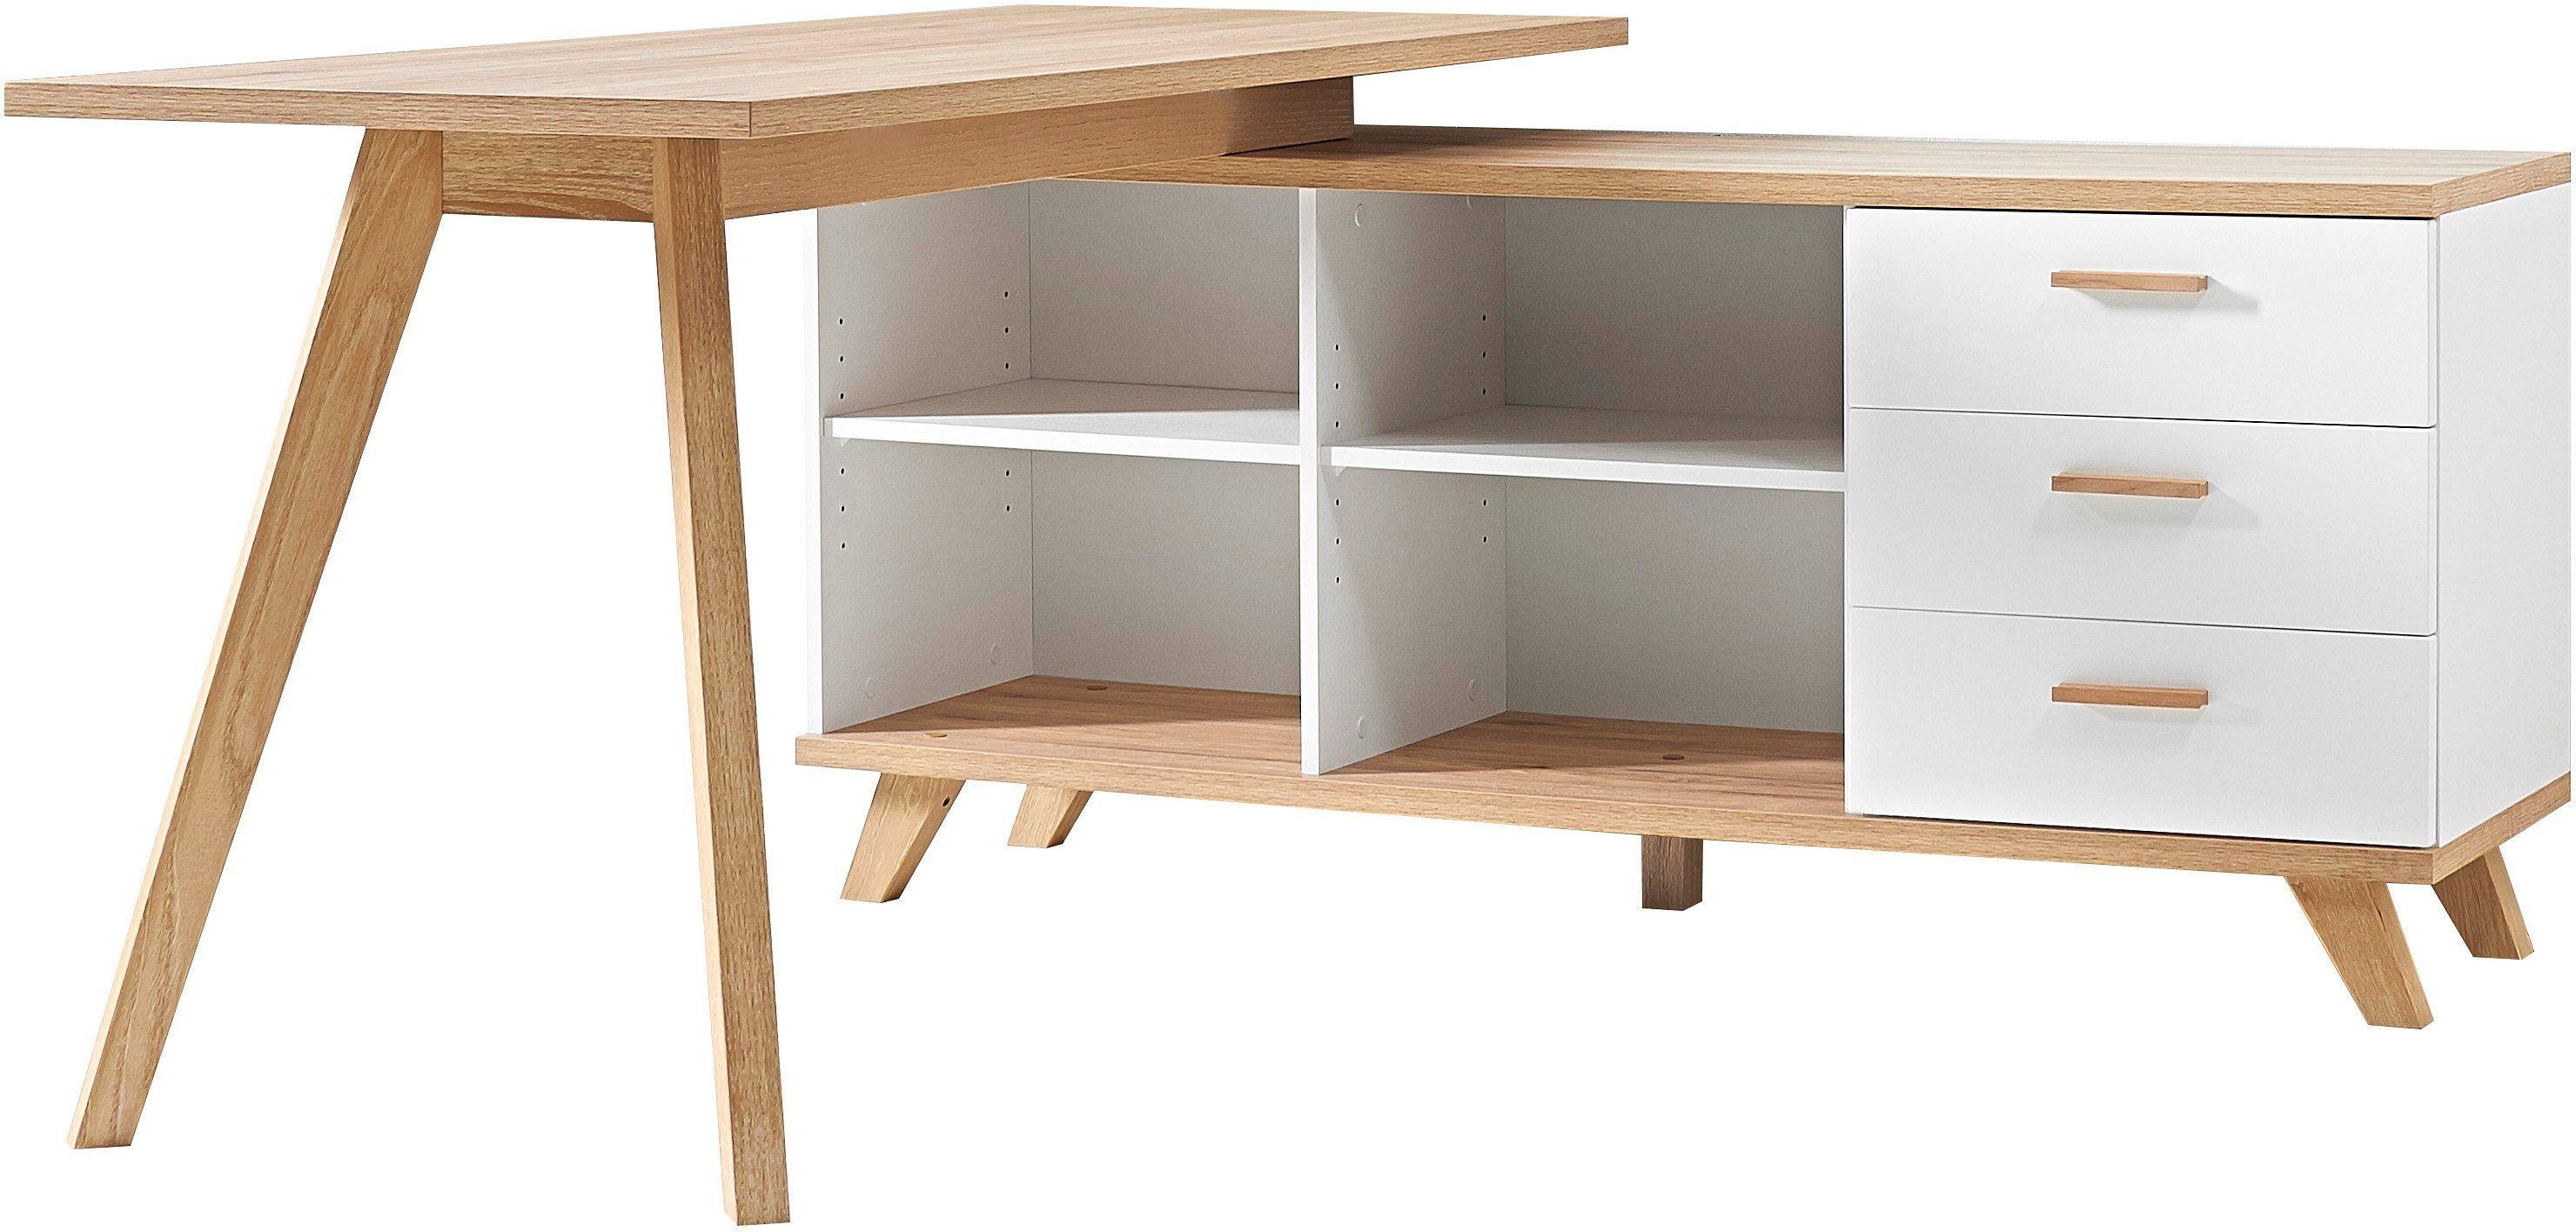 Schreibtisch Oslo Von Germania Otto Ihr Online Shop Schreibtisch Mit Integriertem Sideboard Sideboard Mit 4 Offe Eckschreibtisch Ecktisch Schreibtisch